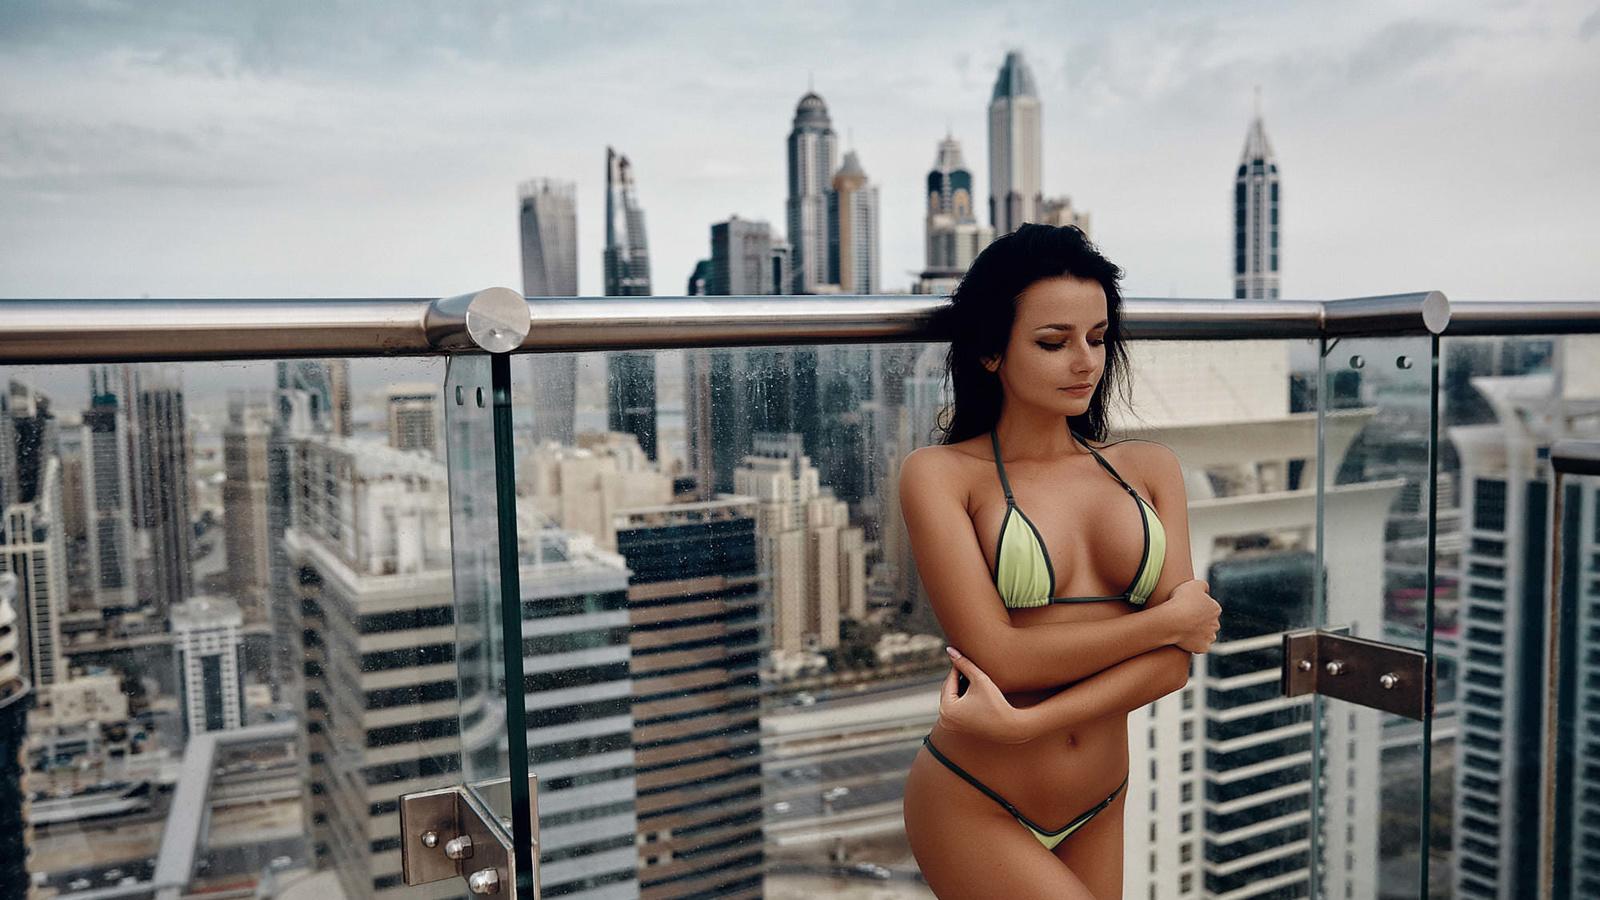 women, balcony, bikini, belly, brunette, arms crossed, sky, building, black hair, glass, women outdoors